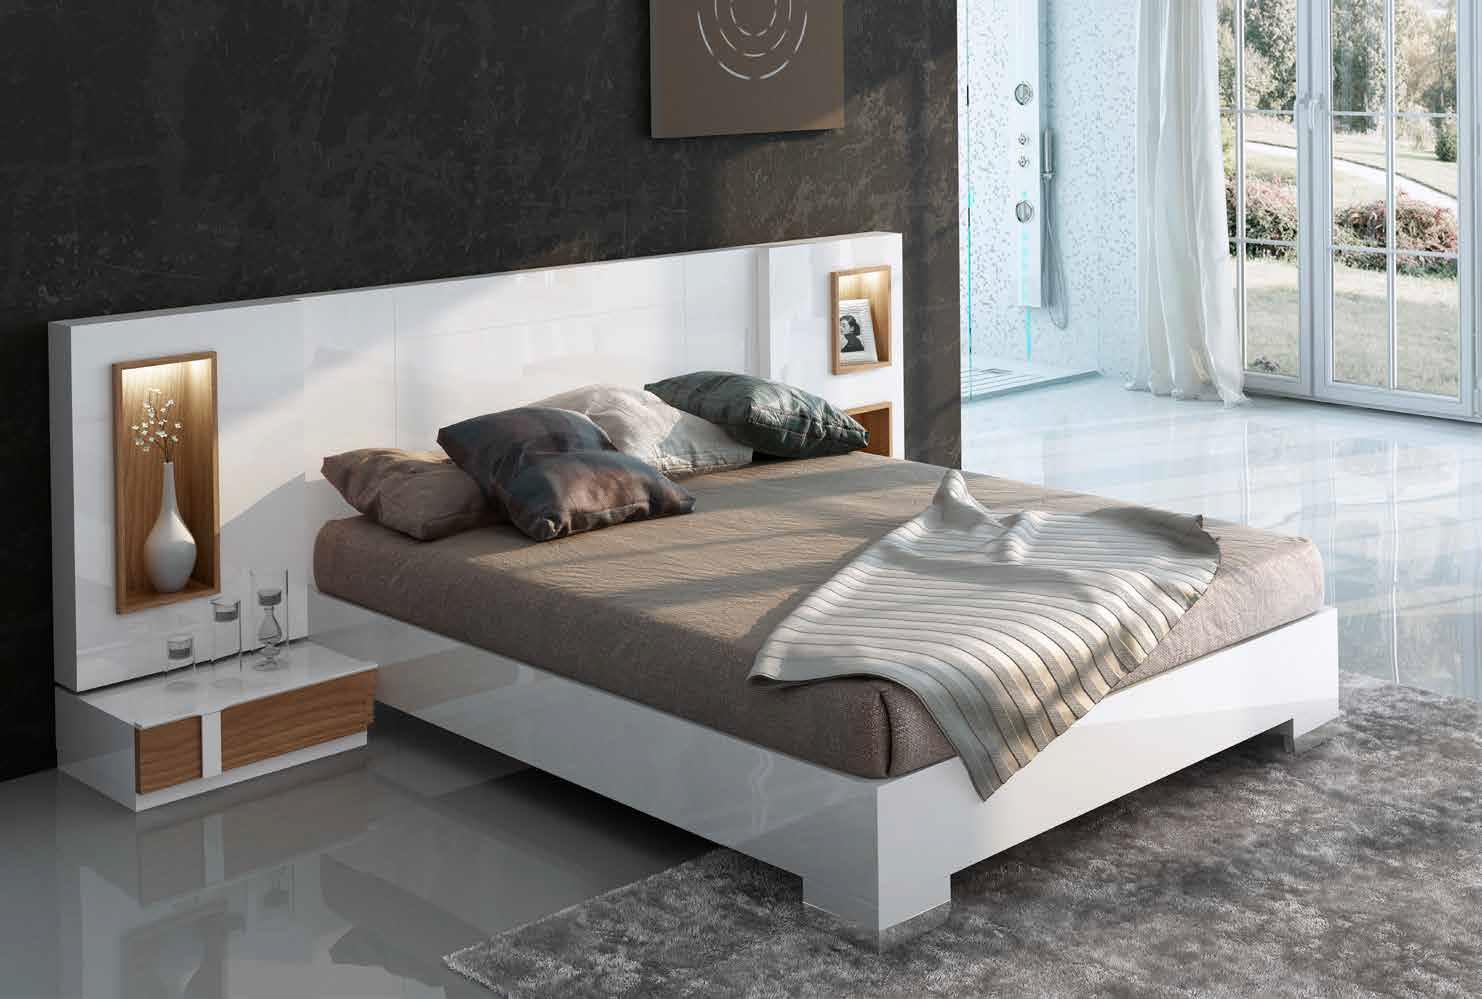 dormitorios-modernos-Vanessa-Dormitorio-muebles-paco-caballero-713-5cf107771bc66